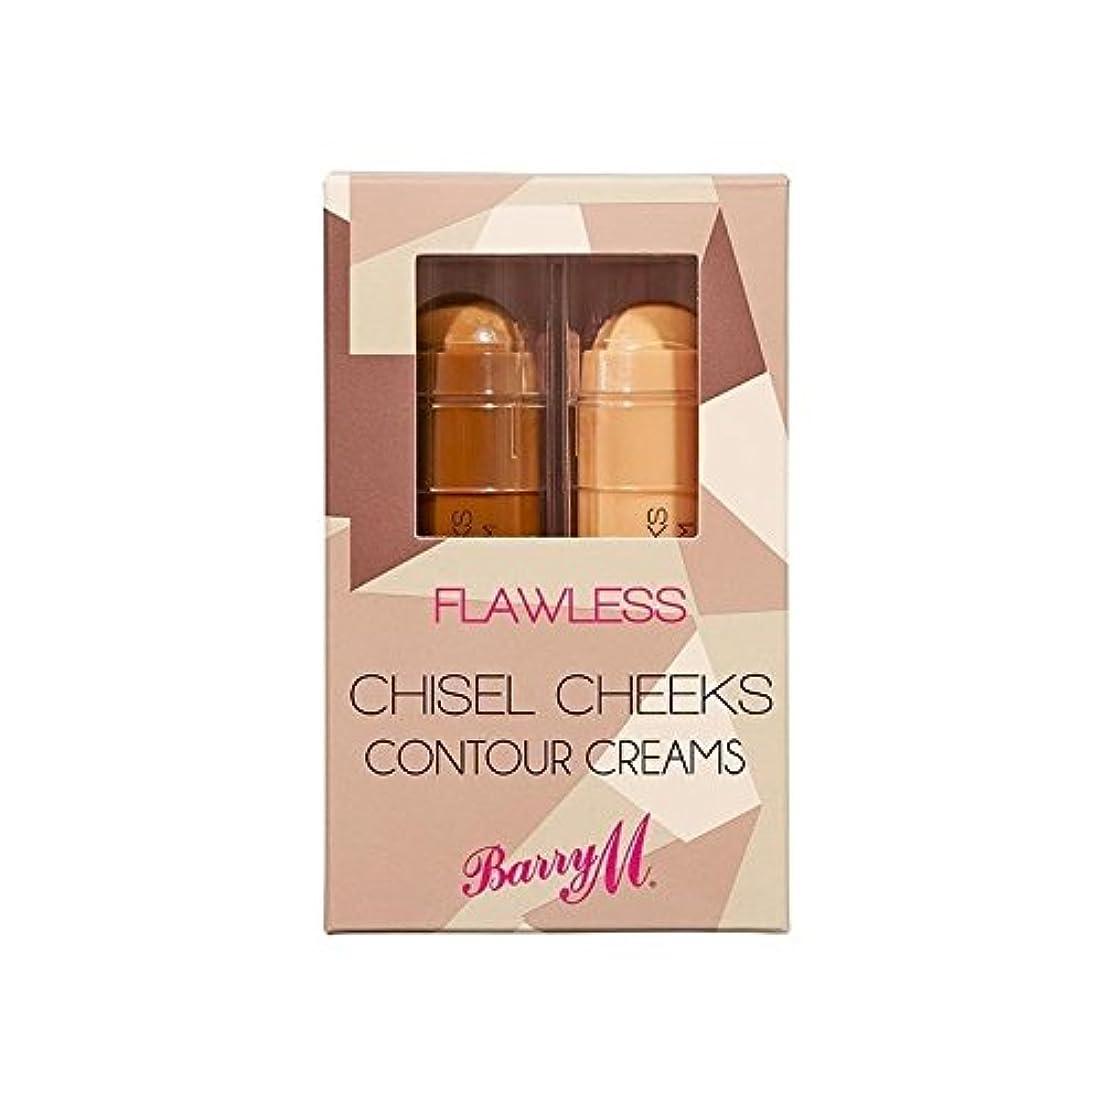 バリーメートルチゼル頬の輪郭クリーム x4 - Barry M Chisel Cheek Contour Creams (Pack of 4) [並行輸入品]